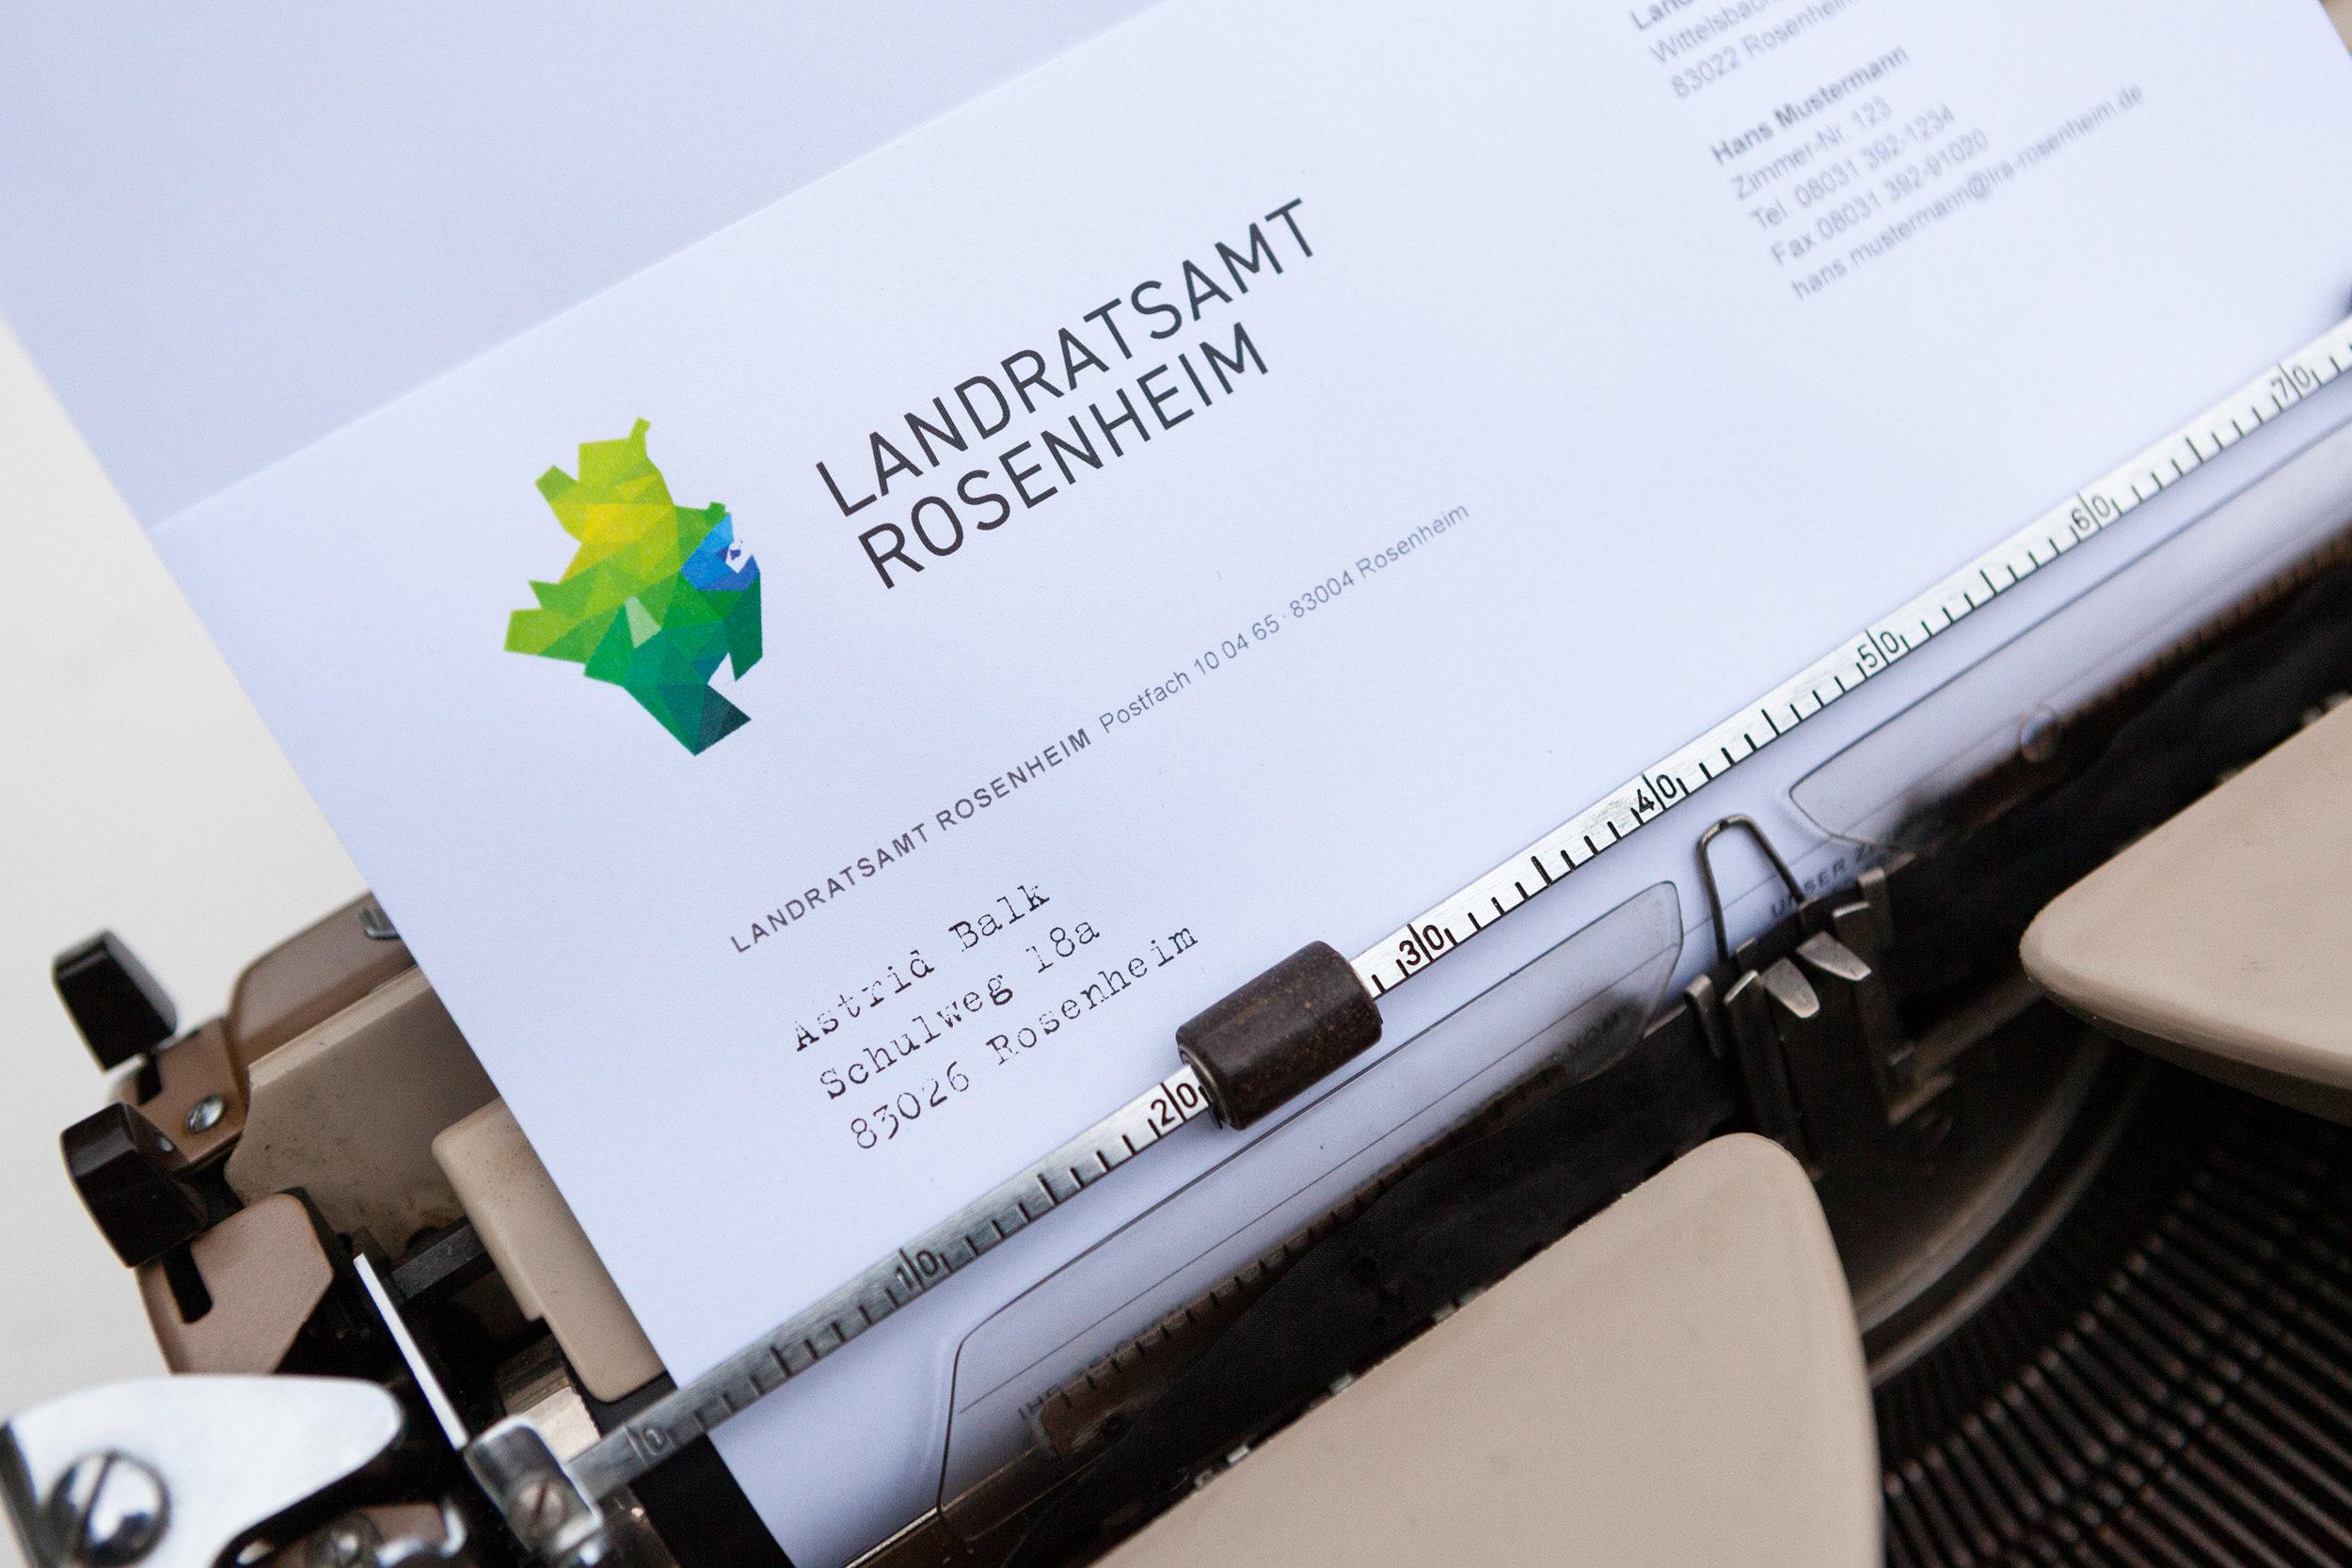 Landratsamt Rosenheim - Dokumentenvorlagen